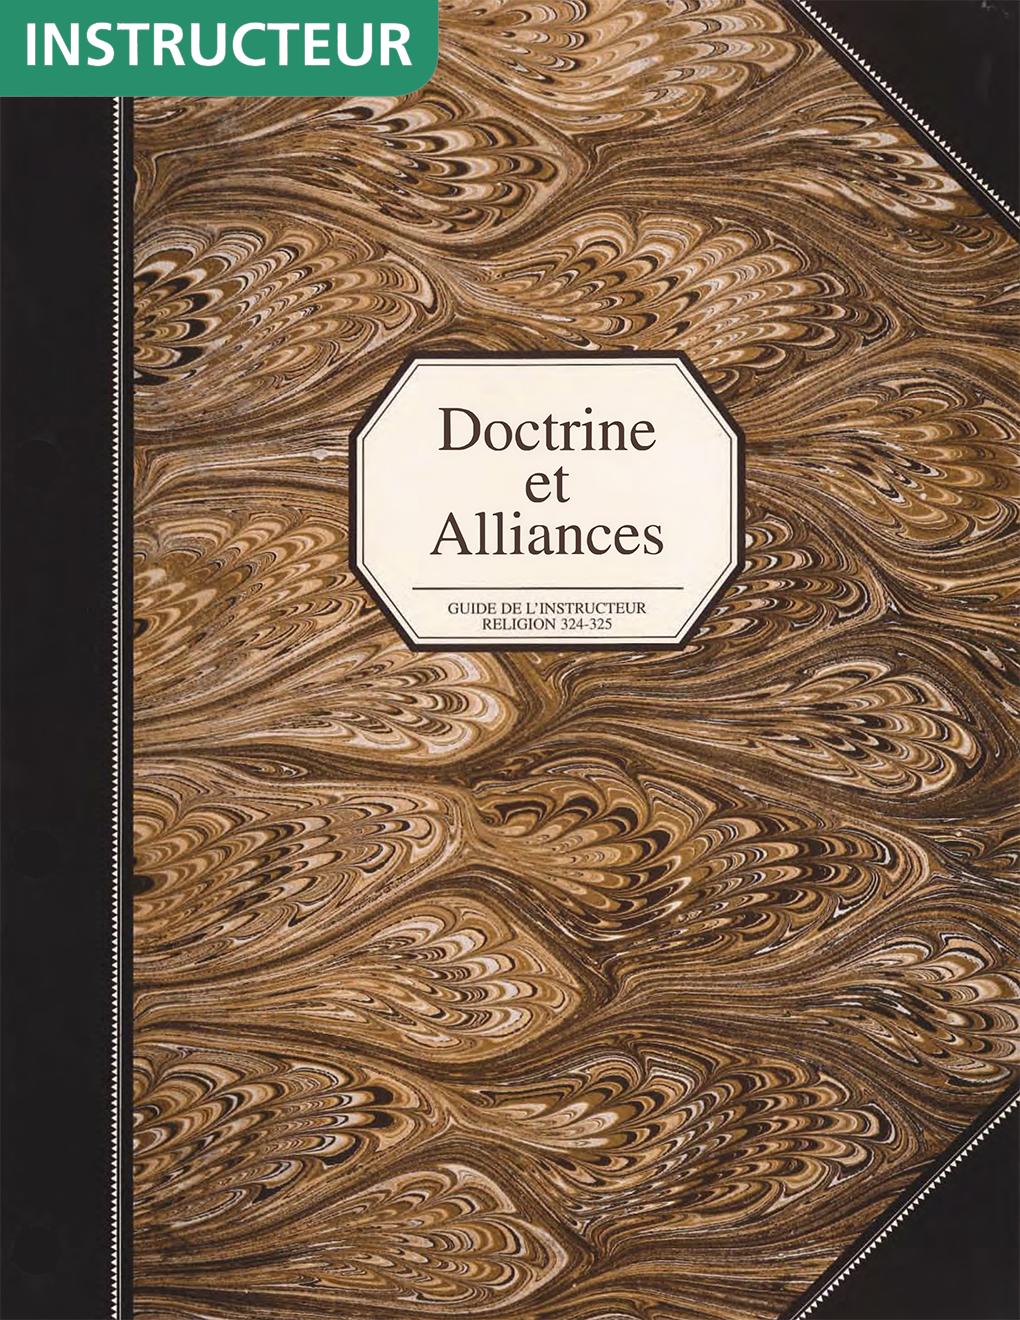 Doctrine et Alliances, guide de l'instructeur (Religion 324-325)